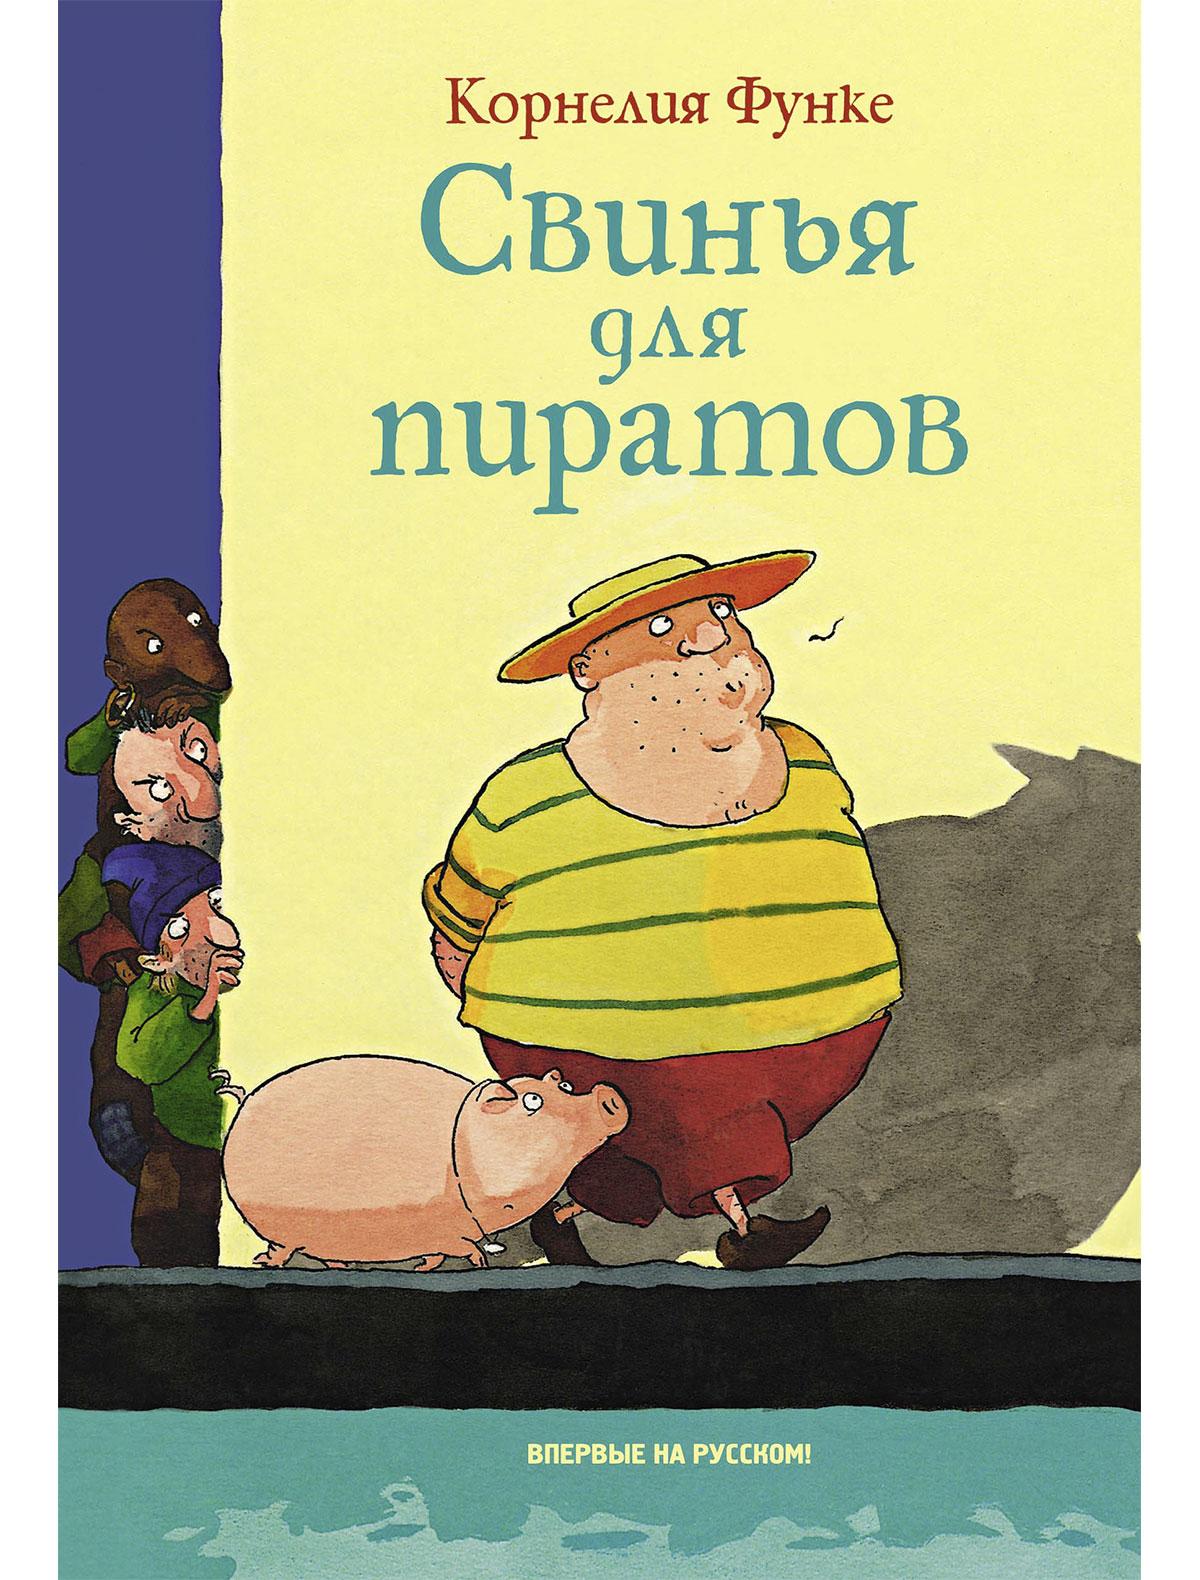 Купить 2025369, Книга ИГ Азбука-Аттикус, 9002529881543